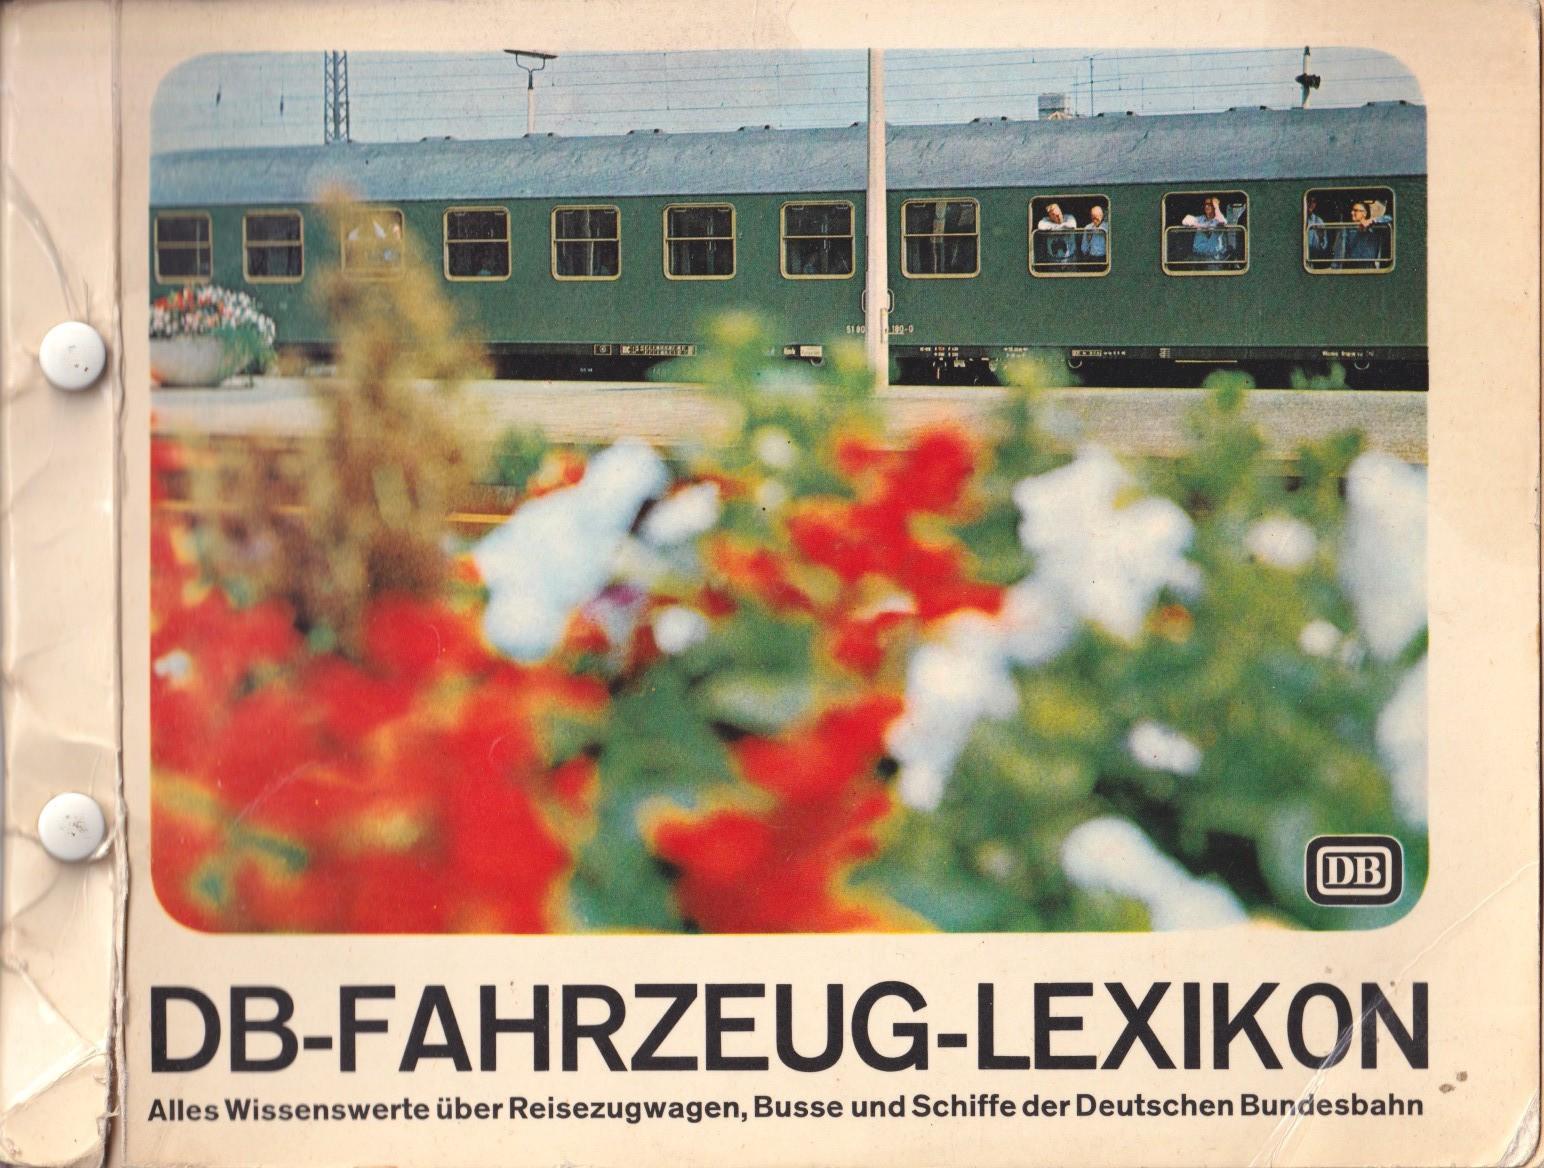 https://www.nullclub.de/hifo/Fahrzeuglexikon/Wagen01.jpg